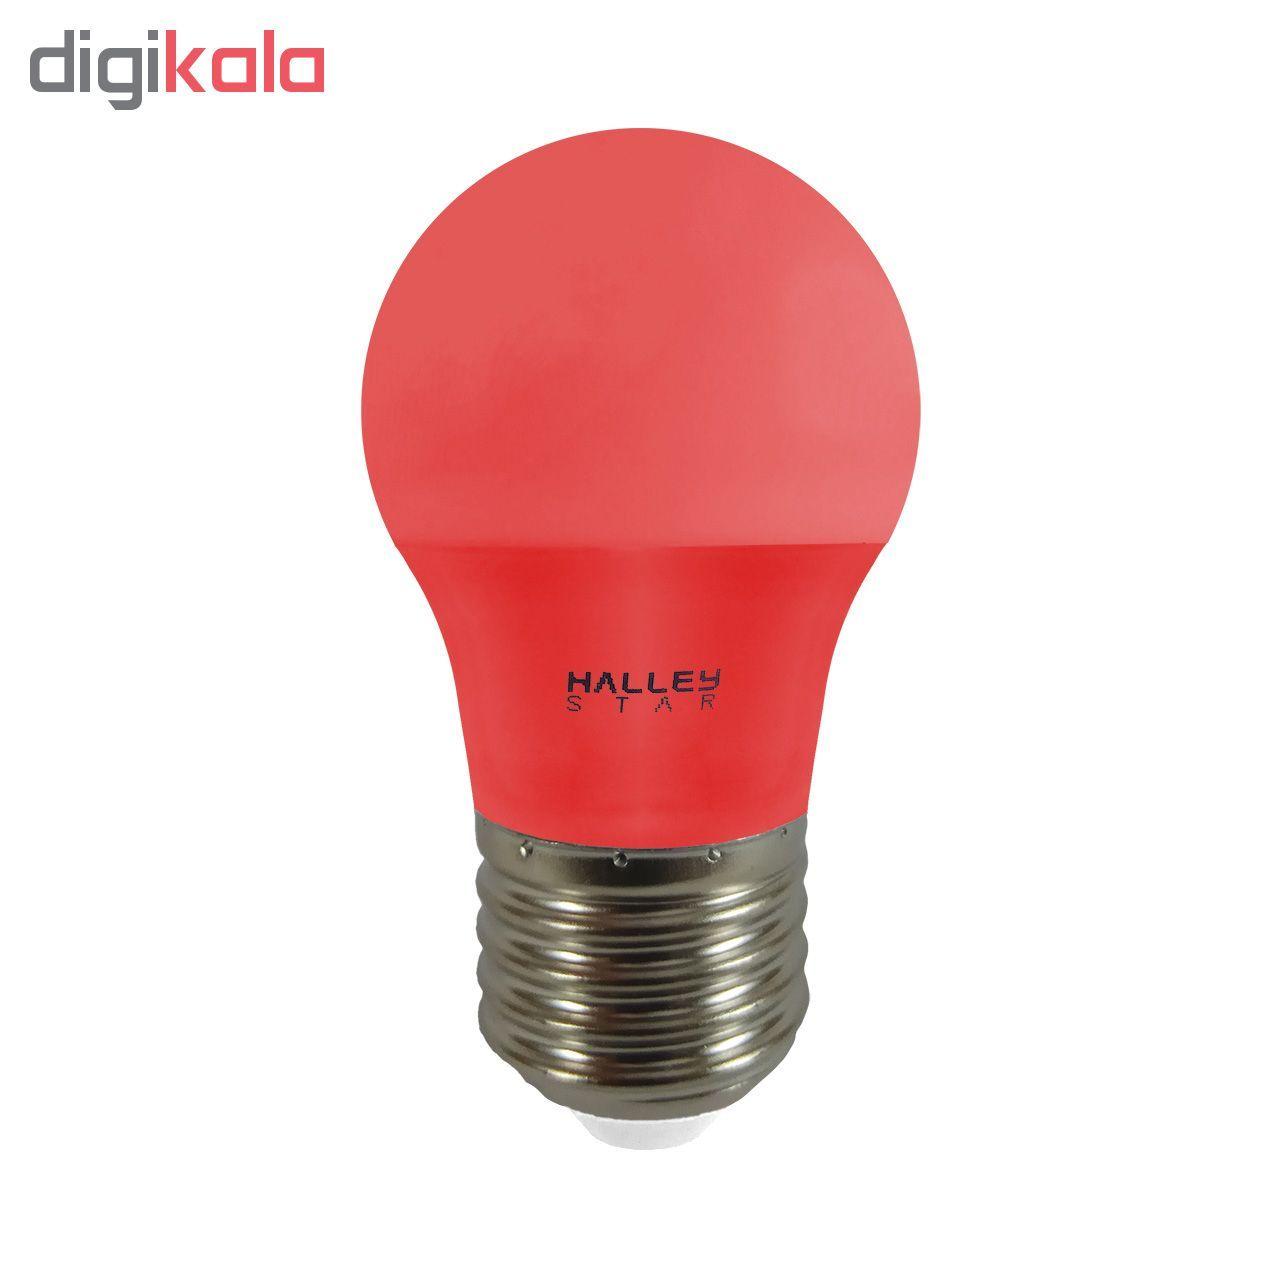 لامپ ال ای دی 3 وات هالی استار کد B45 رنگی پایه E27  main 1 1